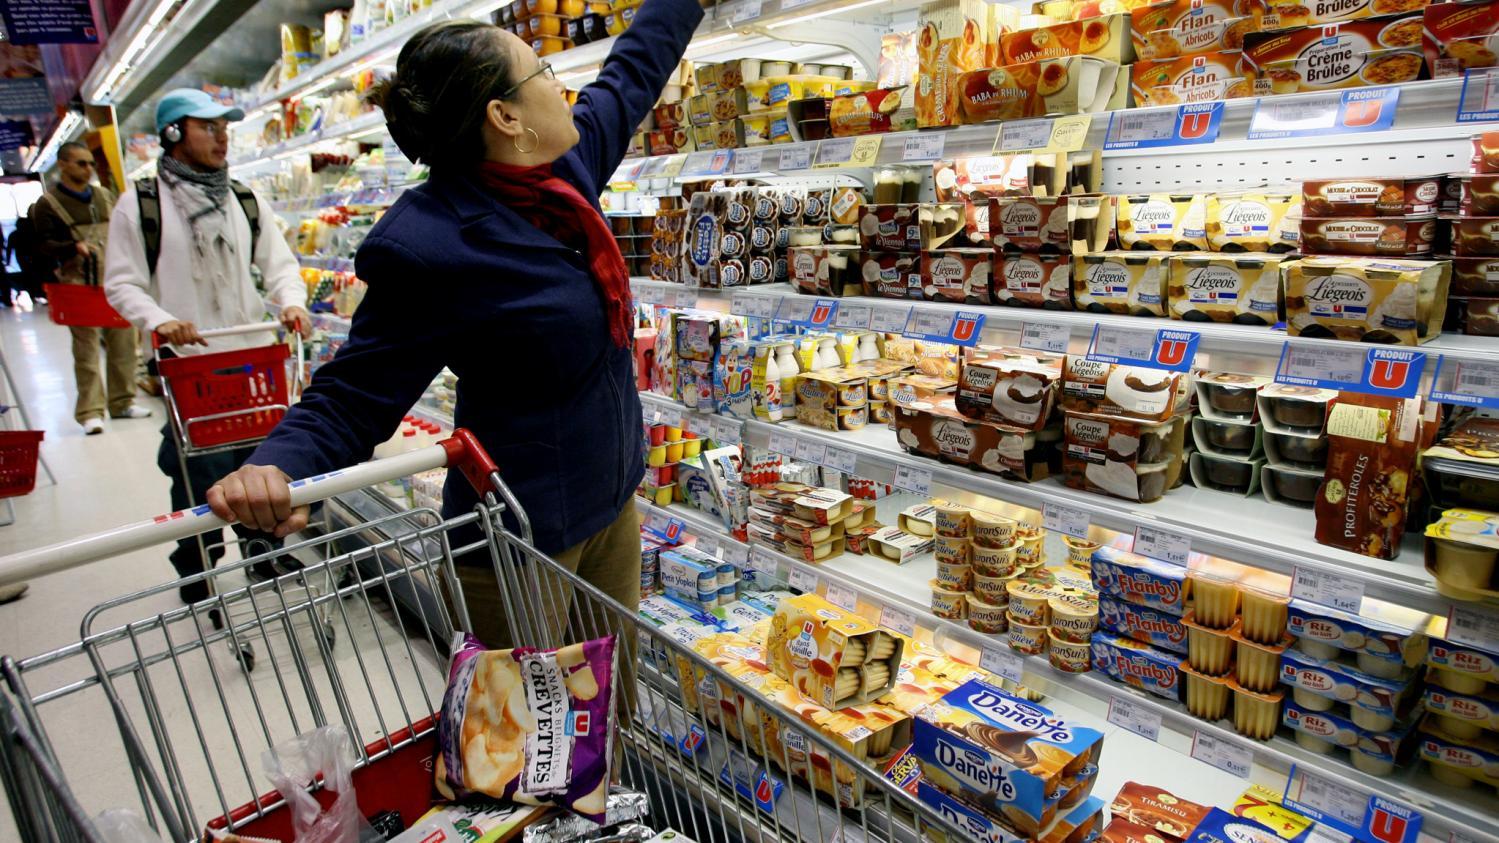 Consommation : près de 10 millions de tonnes de nourriture jetées chaque année